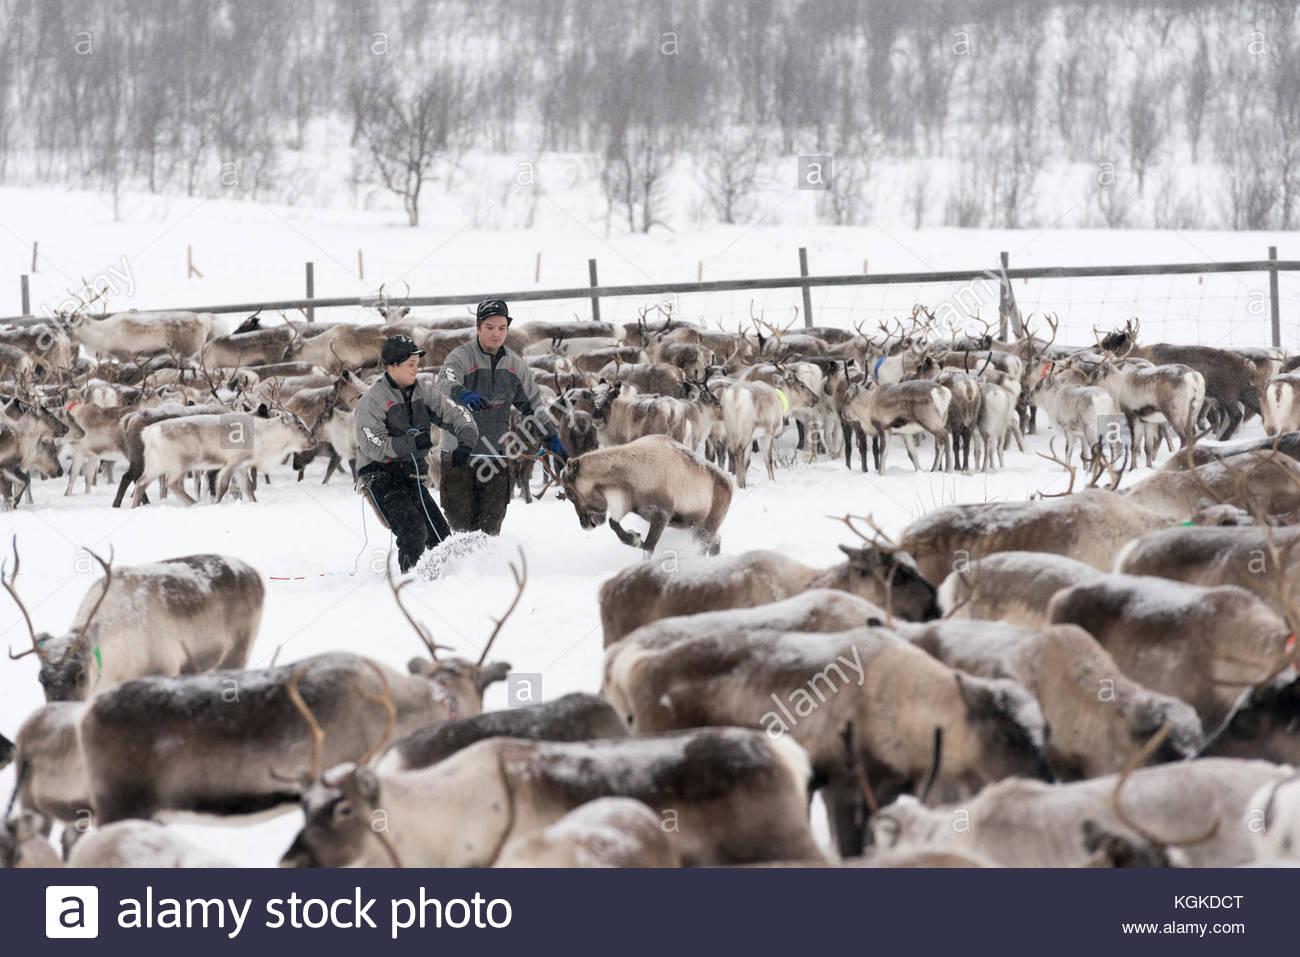 Los criadores de renos sami marcar los terneros en invierno. Imagen De Stock